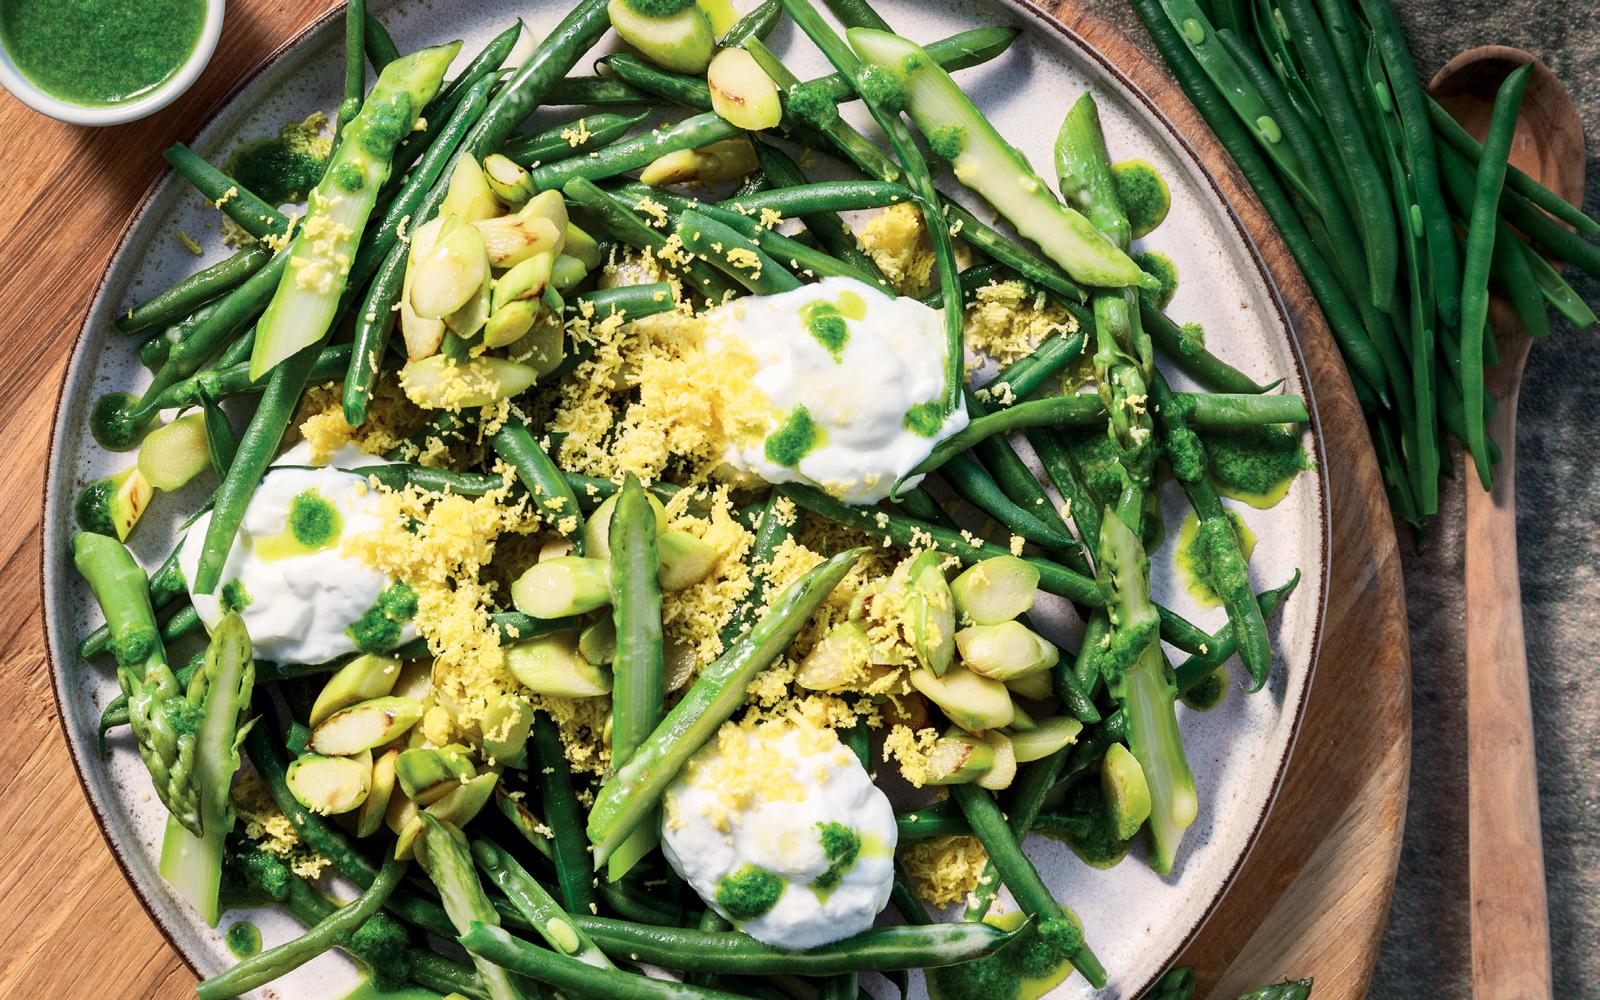 Recette Salade aux asperges et haricots verts, sauce à l'estragon et mimosa aux œufs